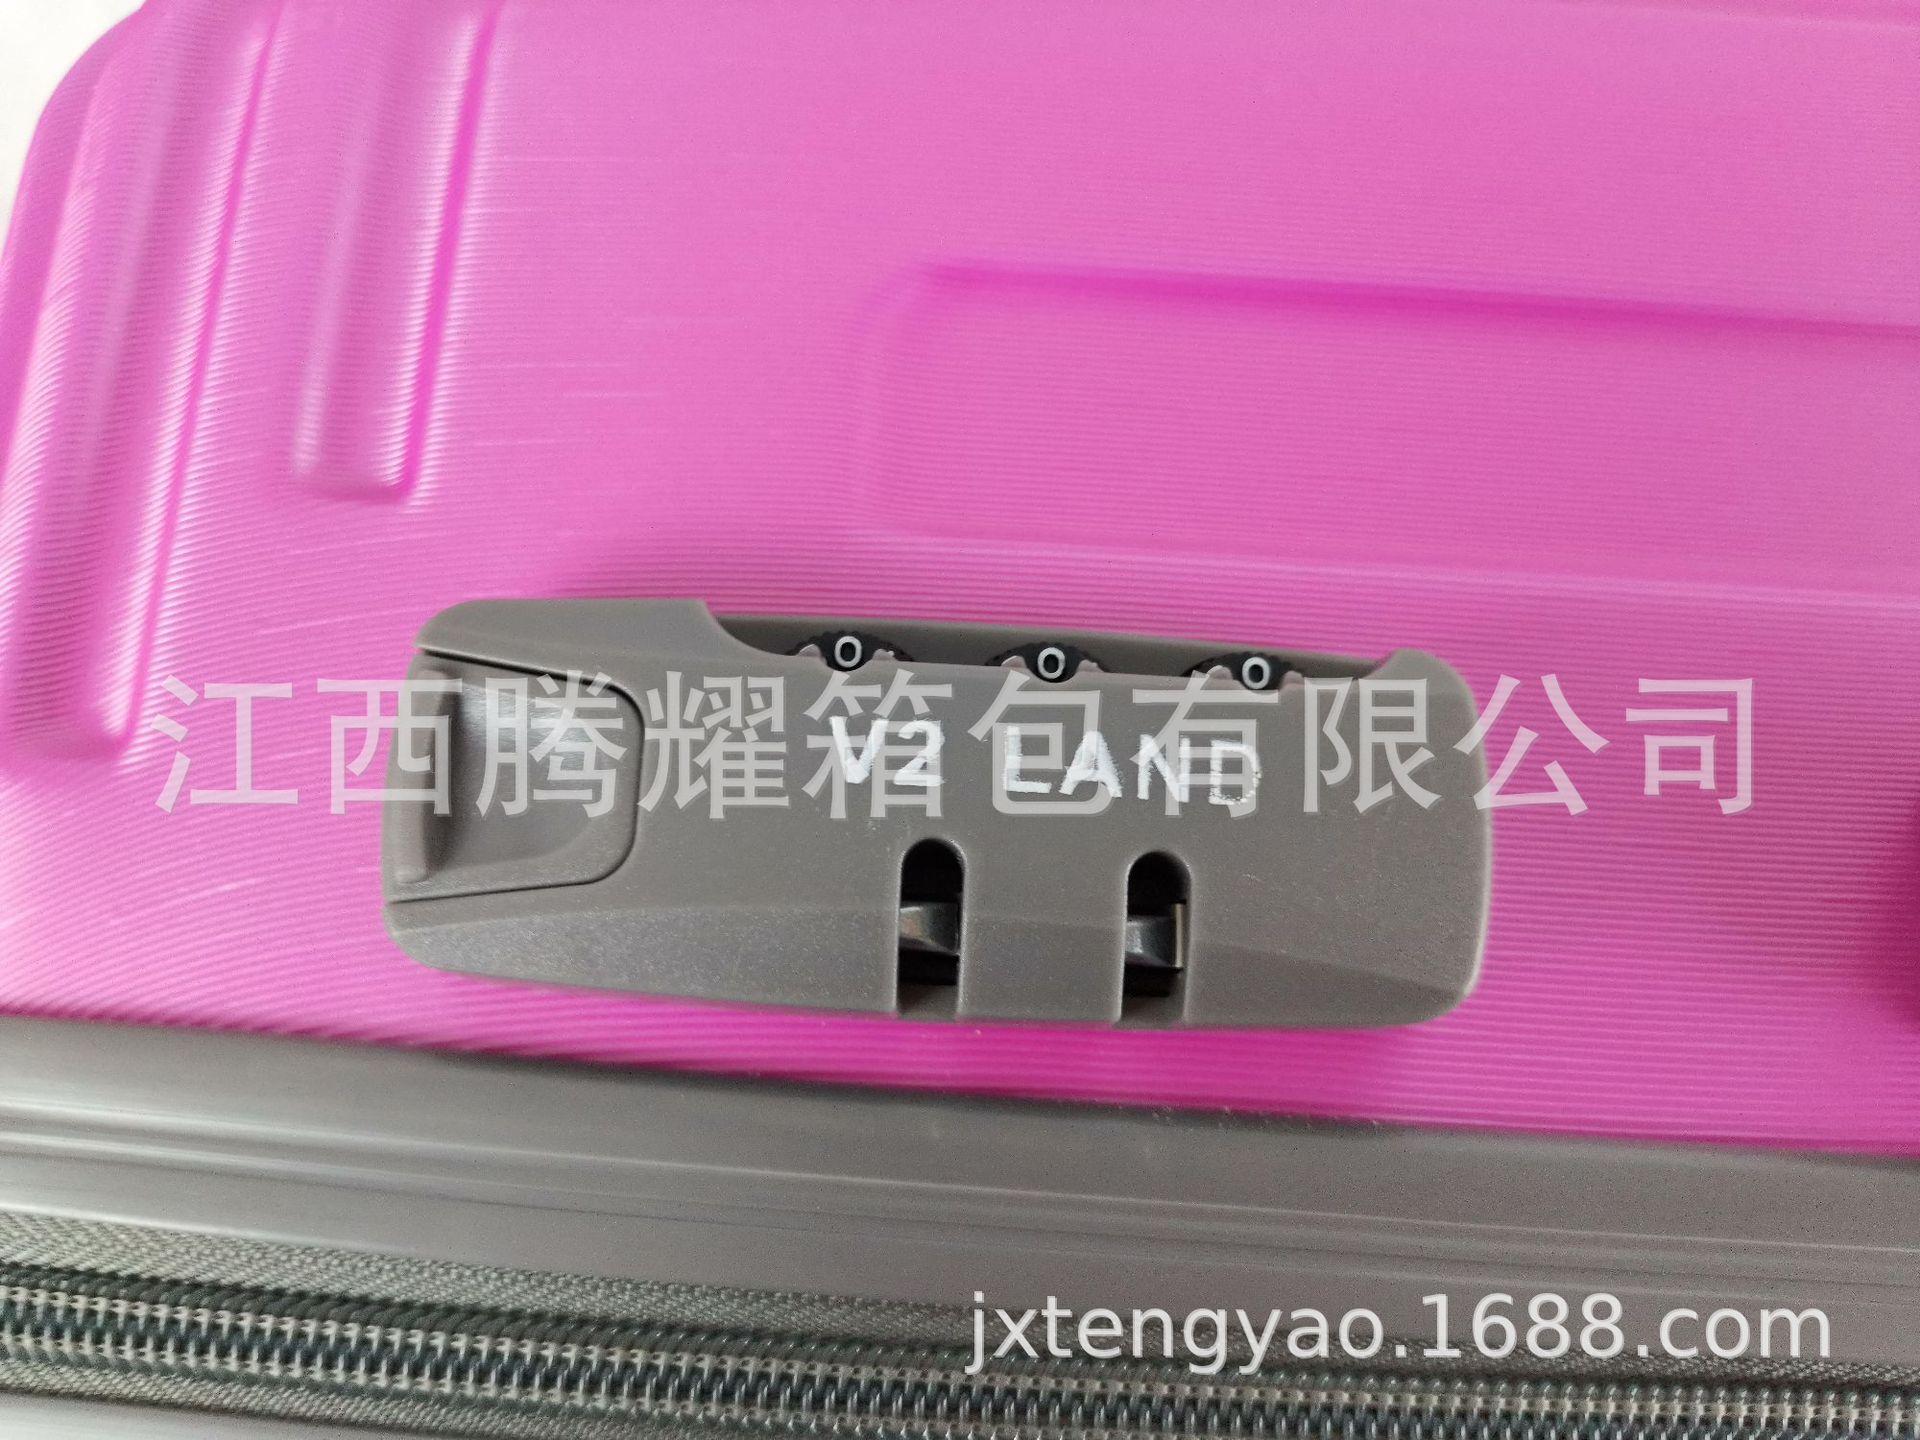 厂家直销学生万向轮拉杆旅行登机箱162024寸141439775